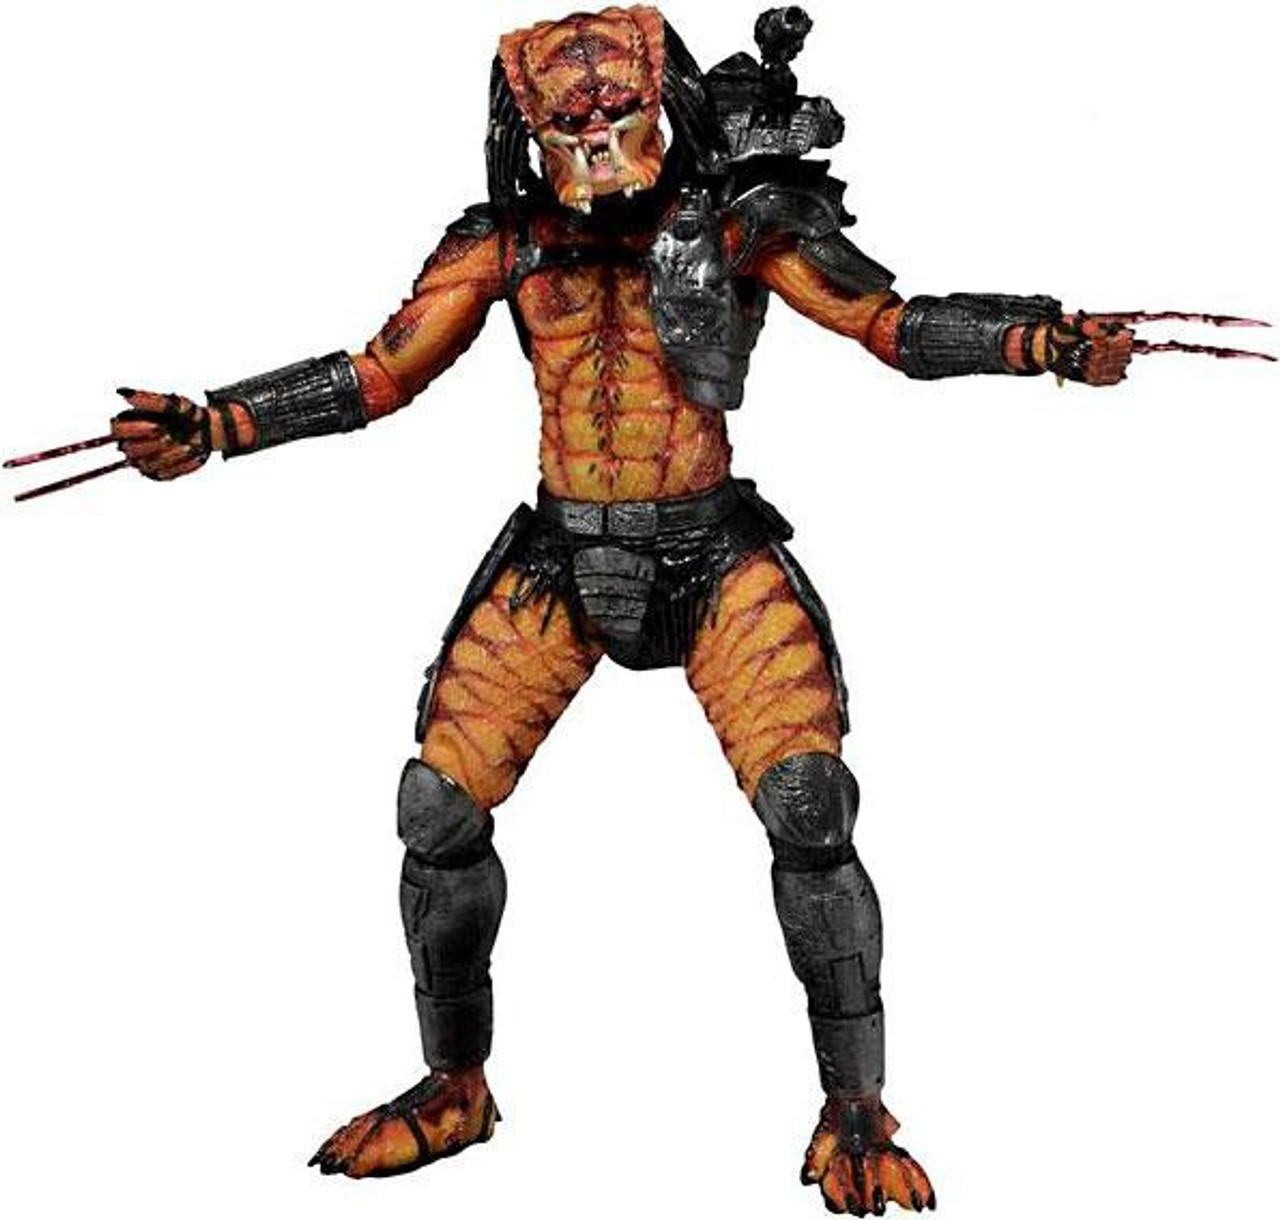 NECA Series 12 Viper Predator Action Figure [The Ultimate Alien Hunter]